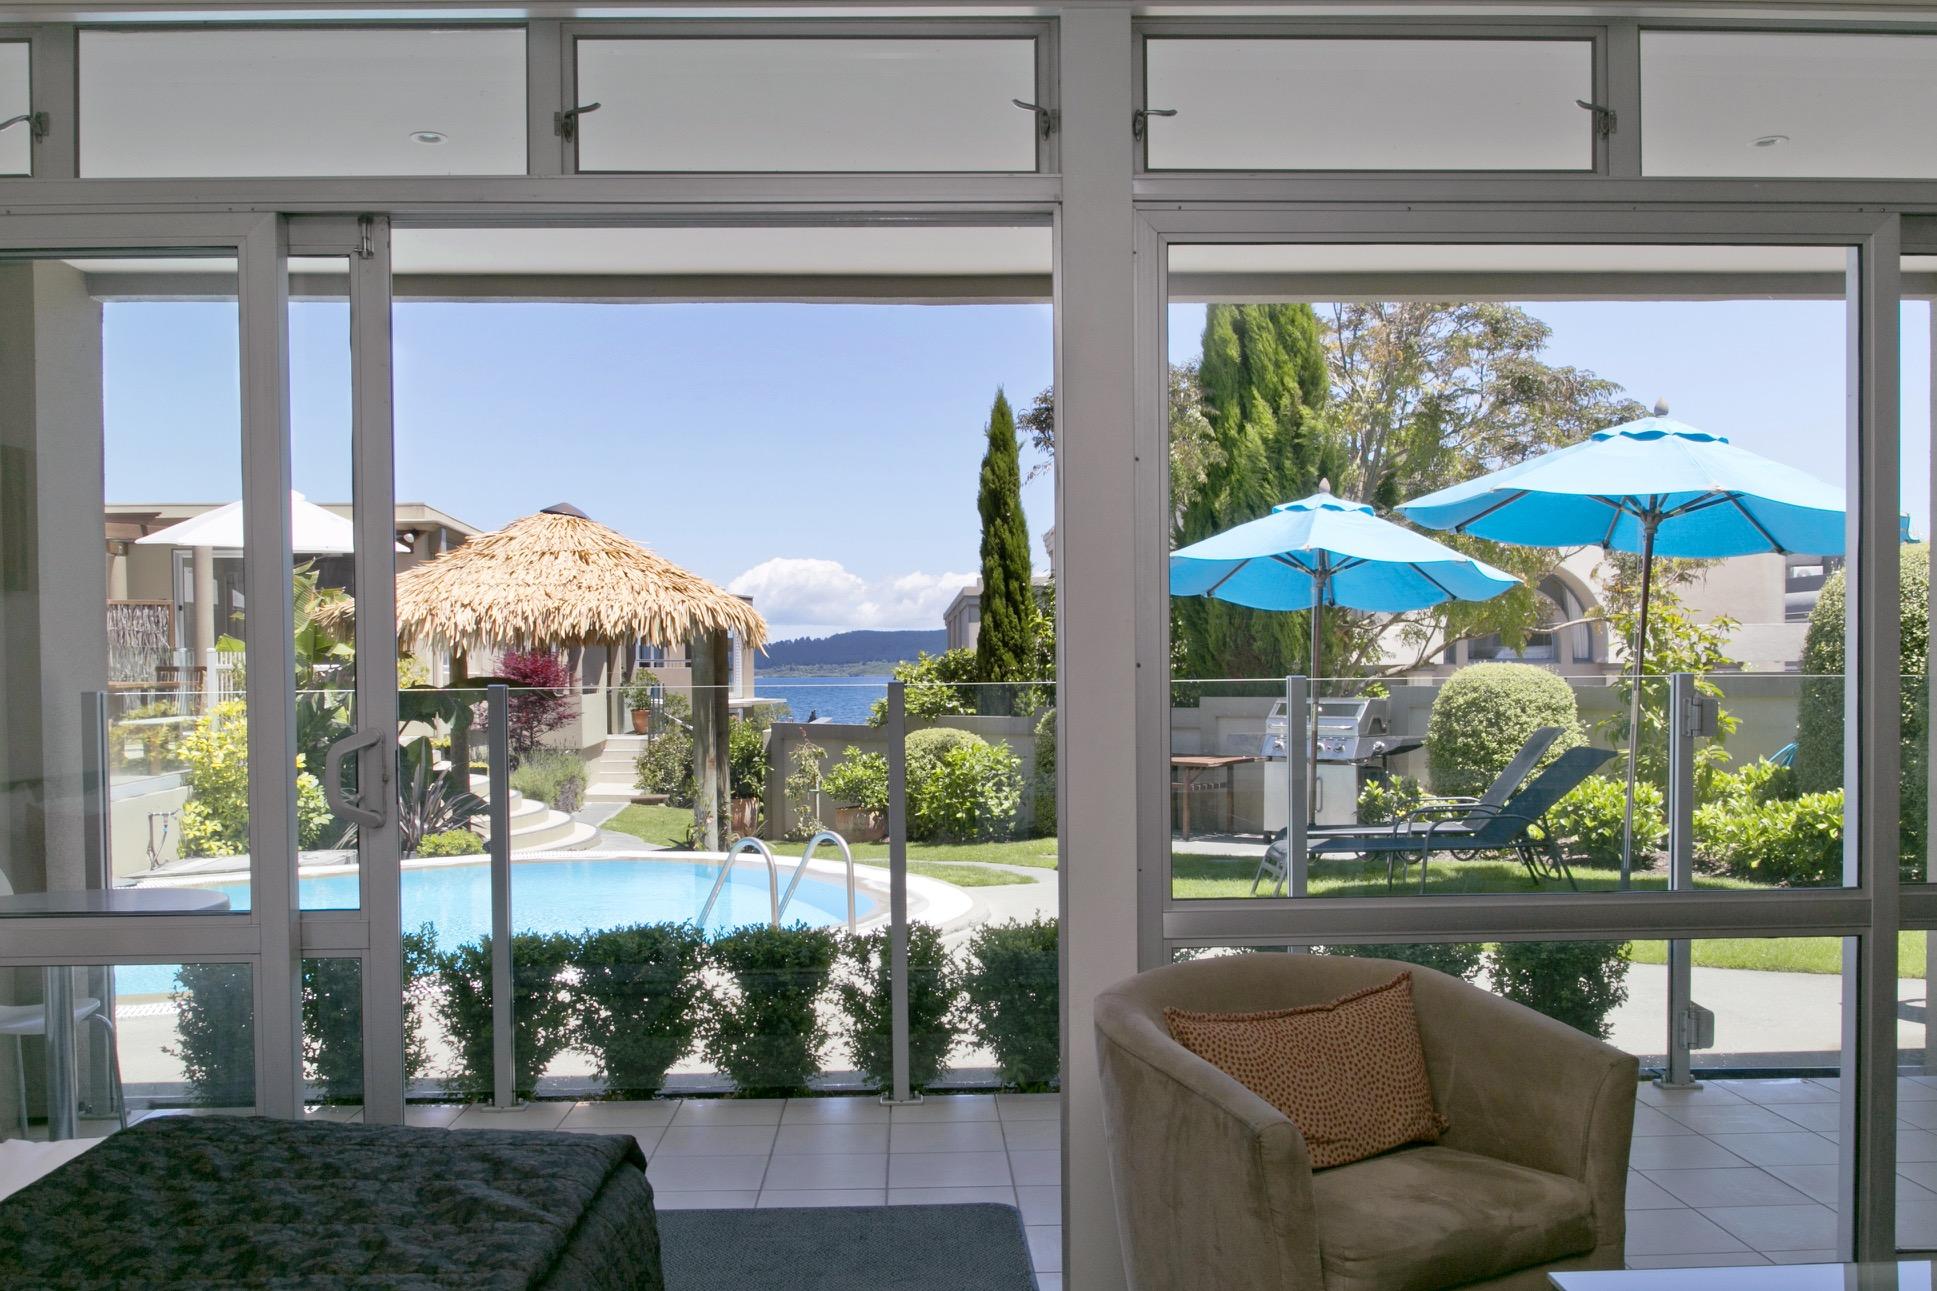 luxury studio poolside towards pool area.jpg